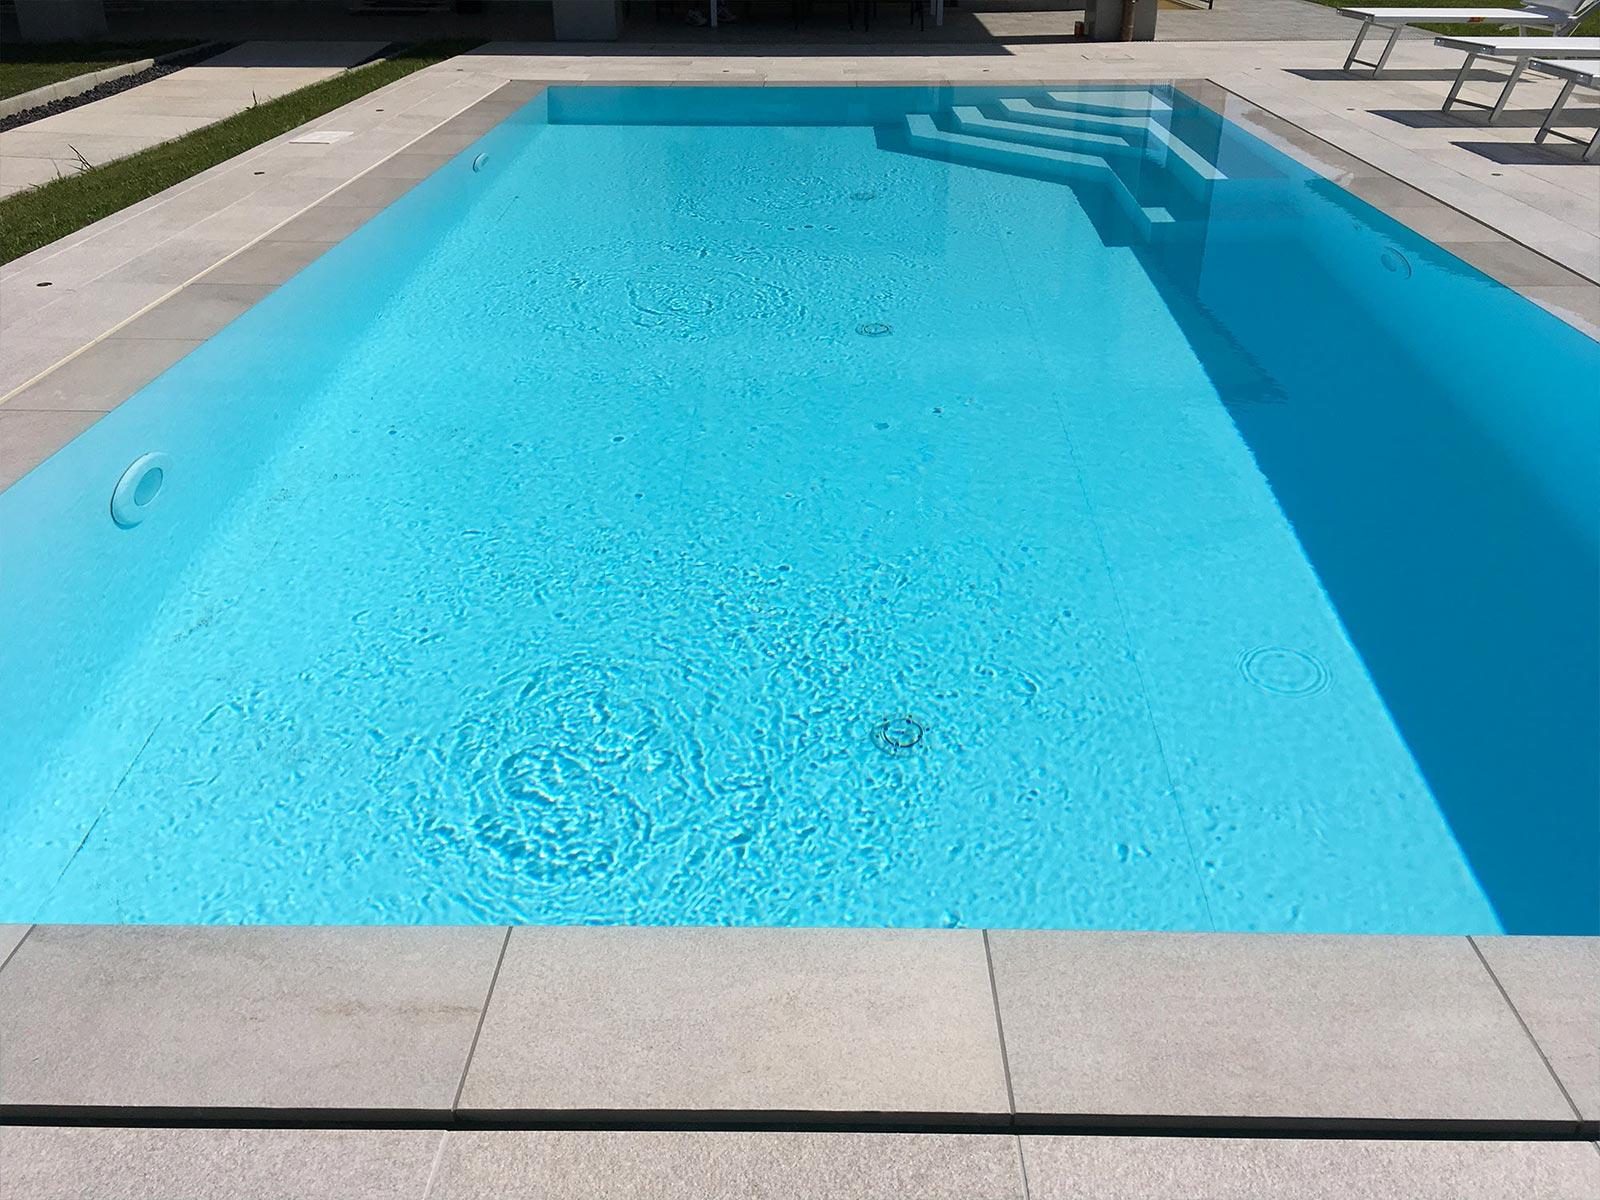 piscina a sfioro con rivestimento azzurro